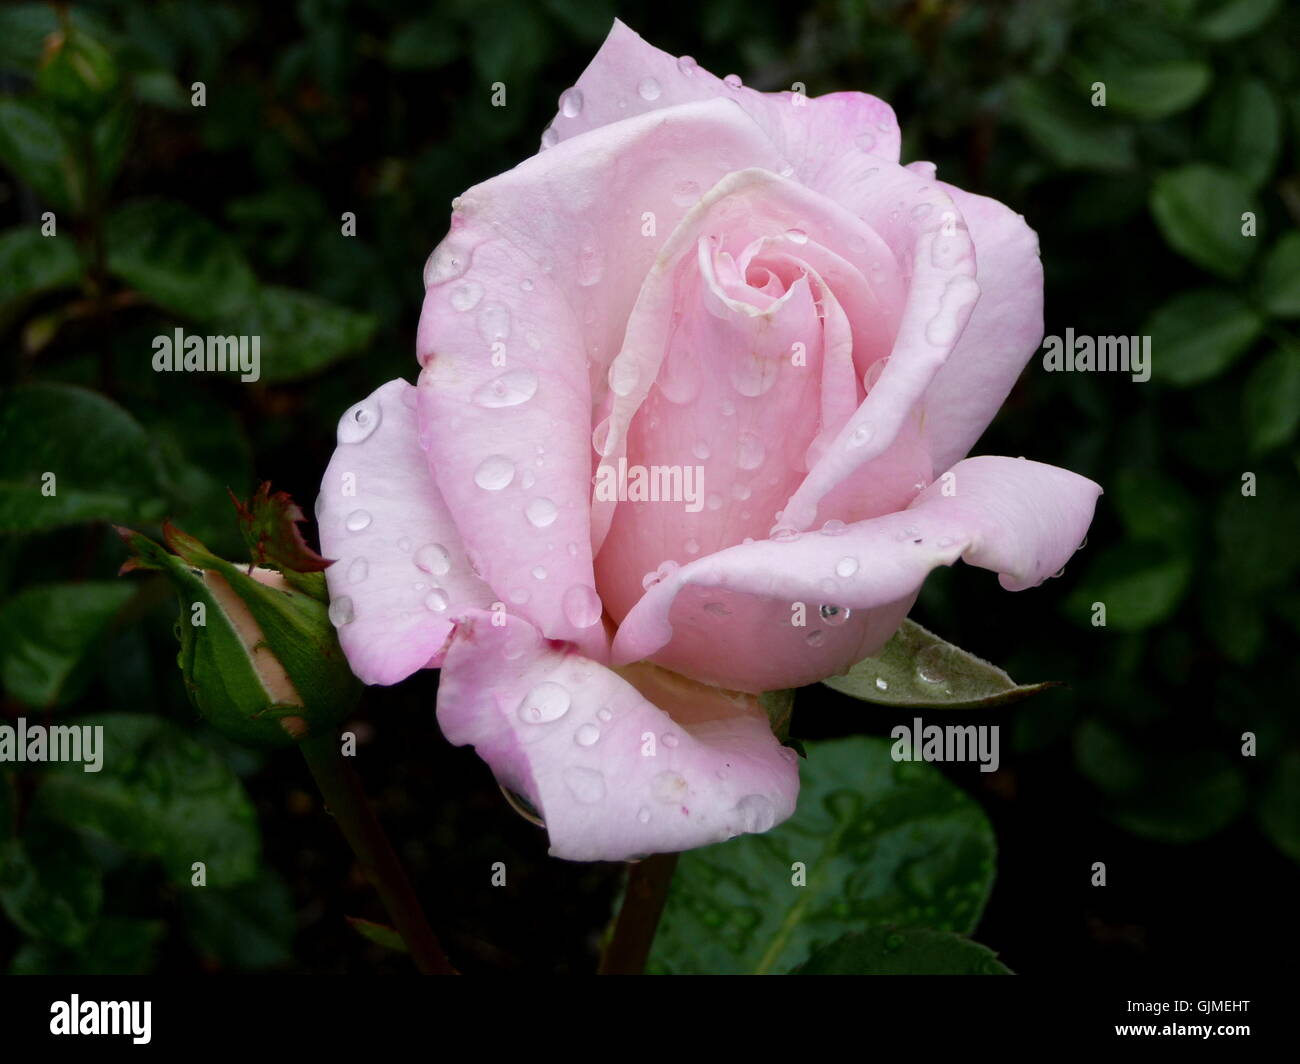 pink rose - Stock Image